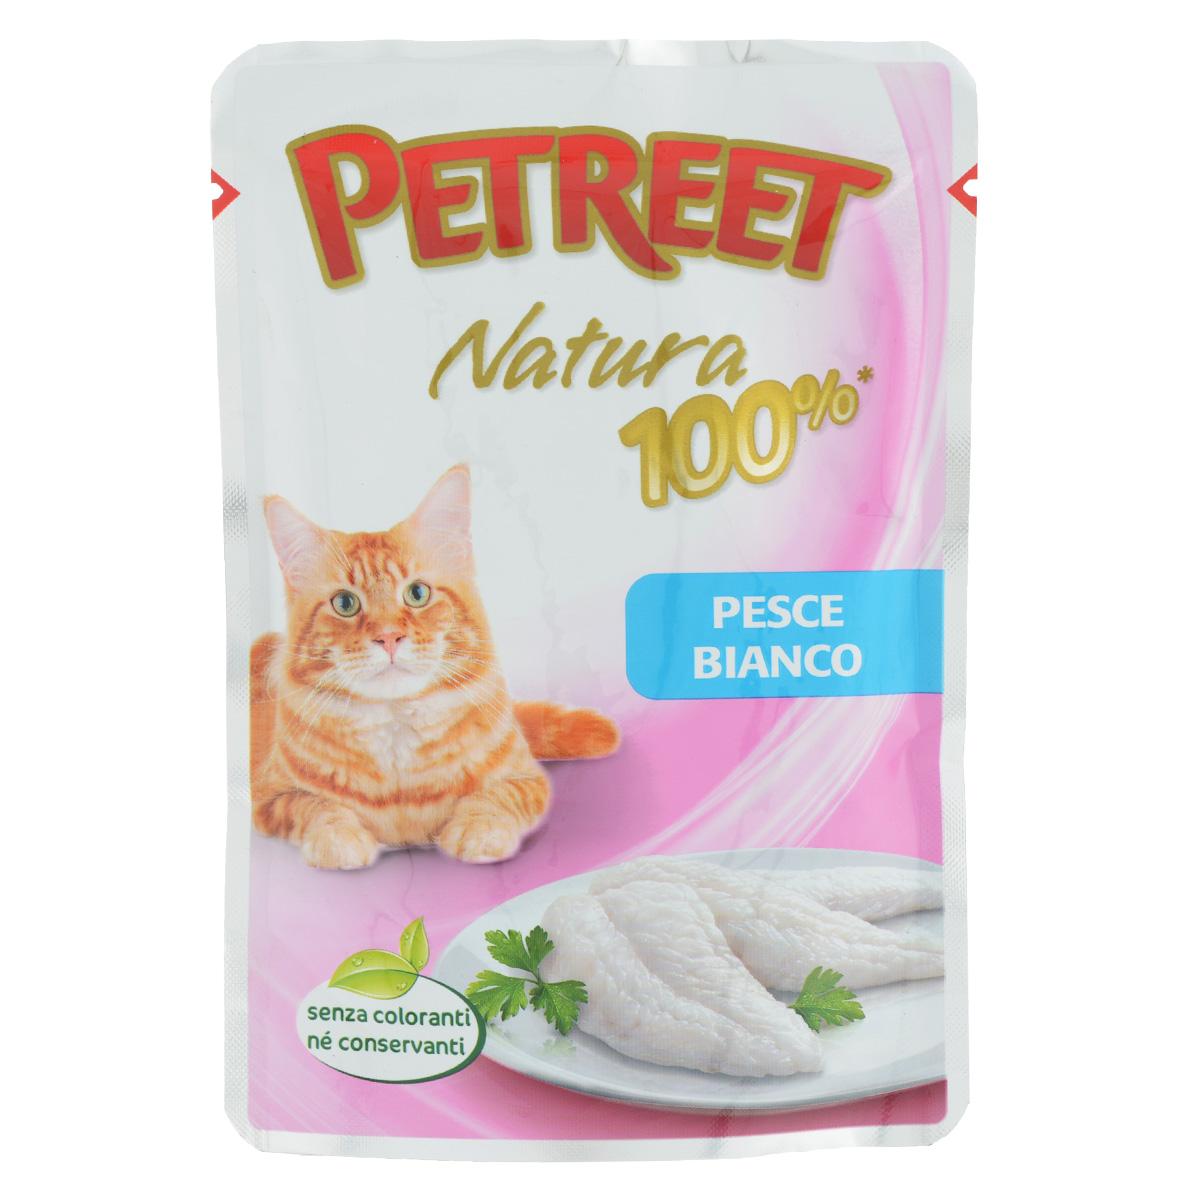 Консервы для кошек Petreet, с белой рыбой, 85 г57663_индейка_пряностиКонсервы для кошек Petreet - это линейка кормов, в которых содержится белок только животного происхождения. Это помогает защитить вашу кошку от пищевой аллергии, тем самым обеспечивая ее полезное и вкусное питание. Консервы для кошек Petreet специально разработаны без добавления консервантов, красителей и усилителей вкуса. Характеристики: Состав: белая рыба (60%), рисовая мука (1%), модифицированный крахмал.Пищевая ценность: белки - 10%, влажность - 86%, масла - 1,0%, клетчатка - 0,5%, зола - 1 %.Вес: 85 г.Товар сертифицирован.